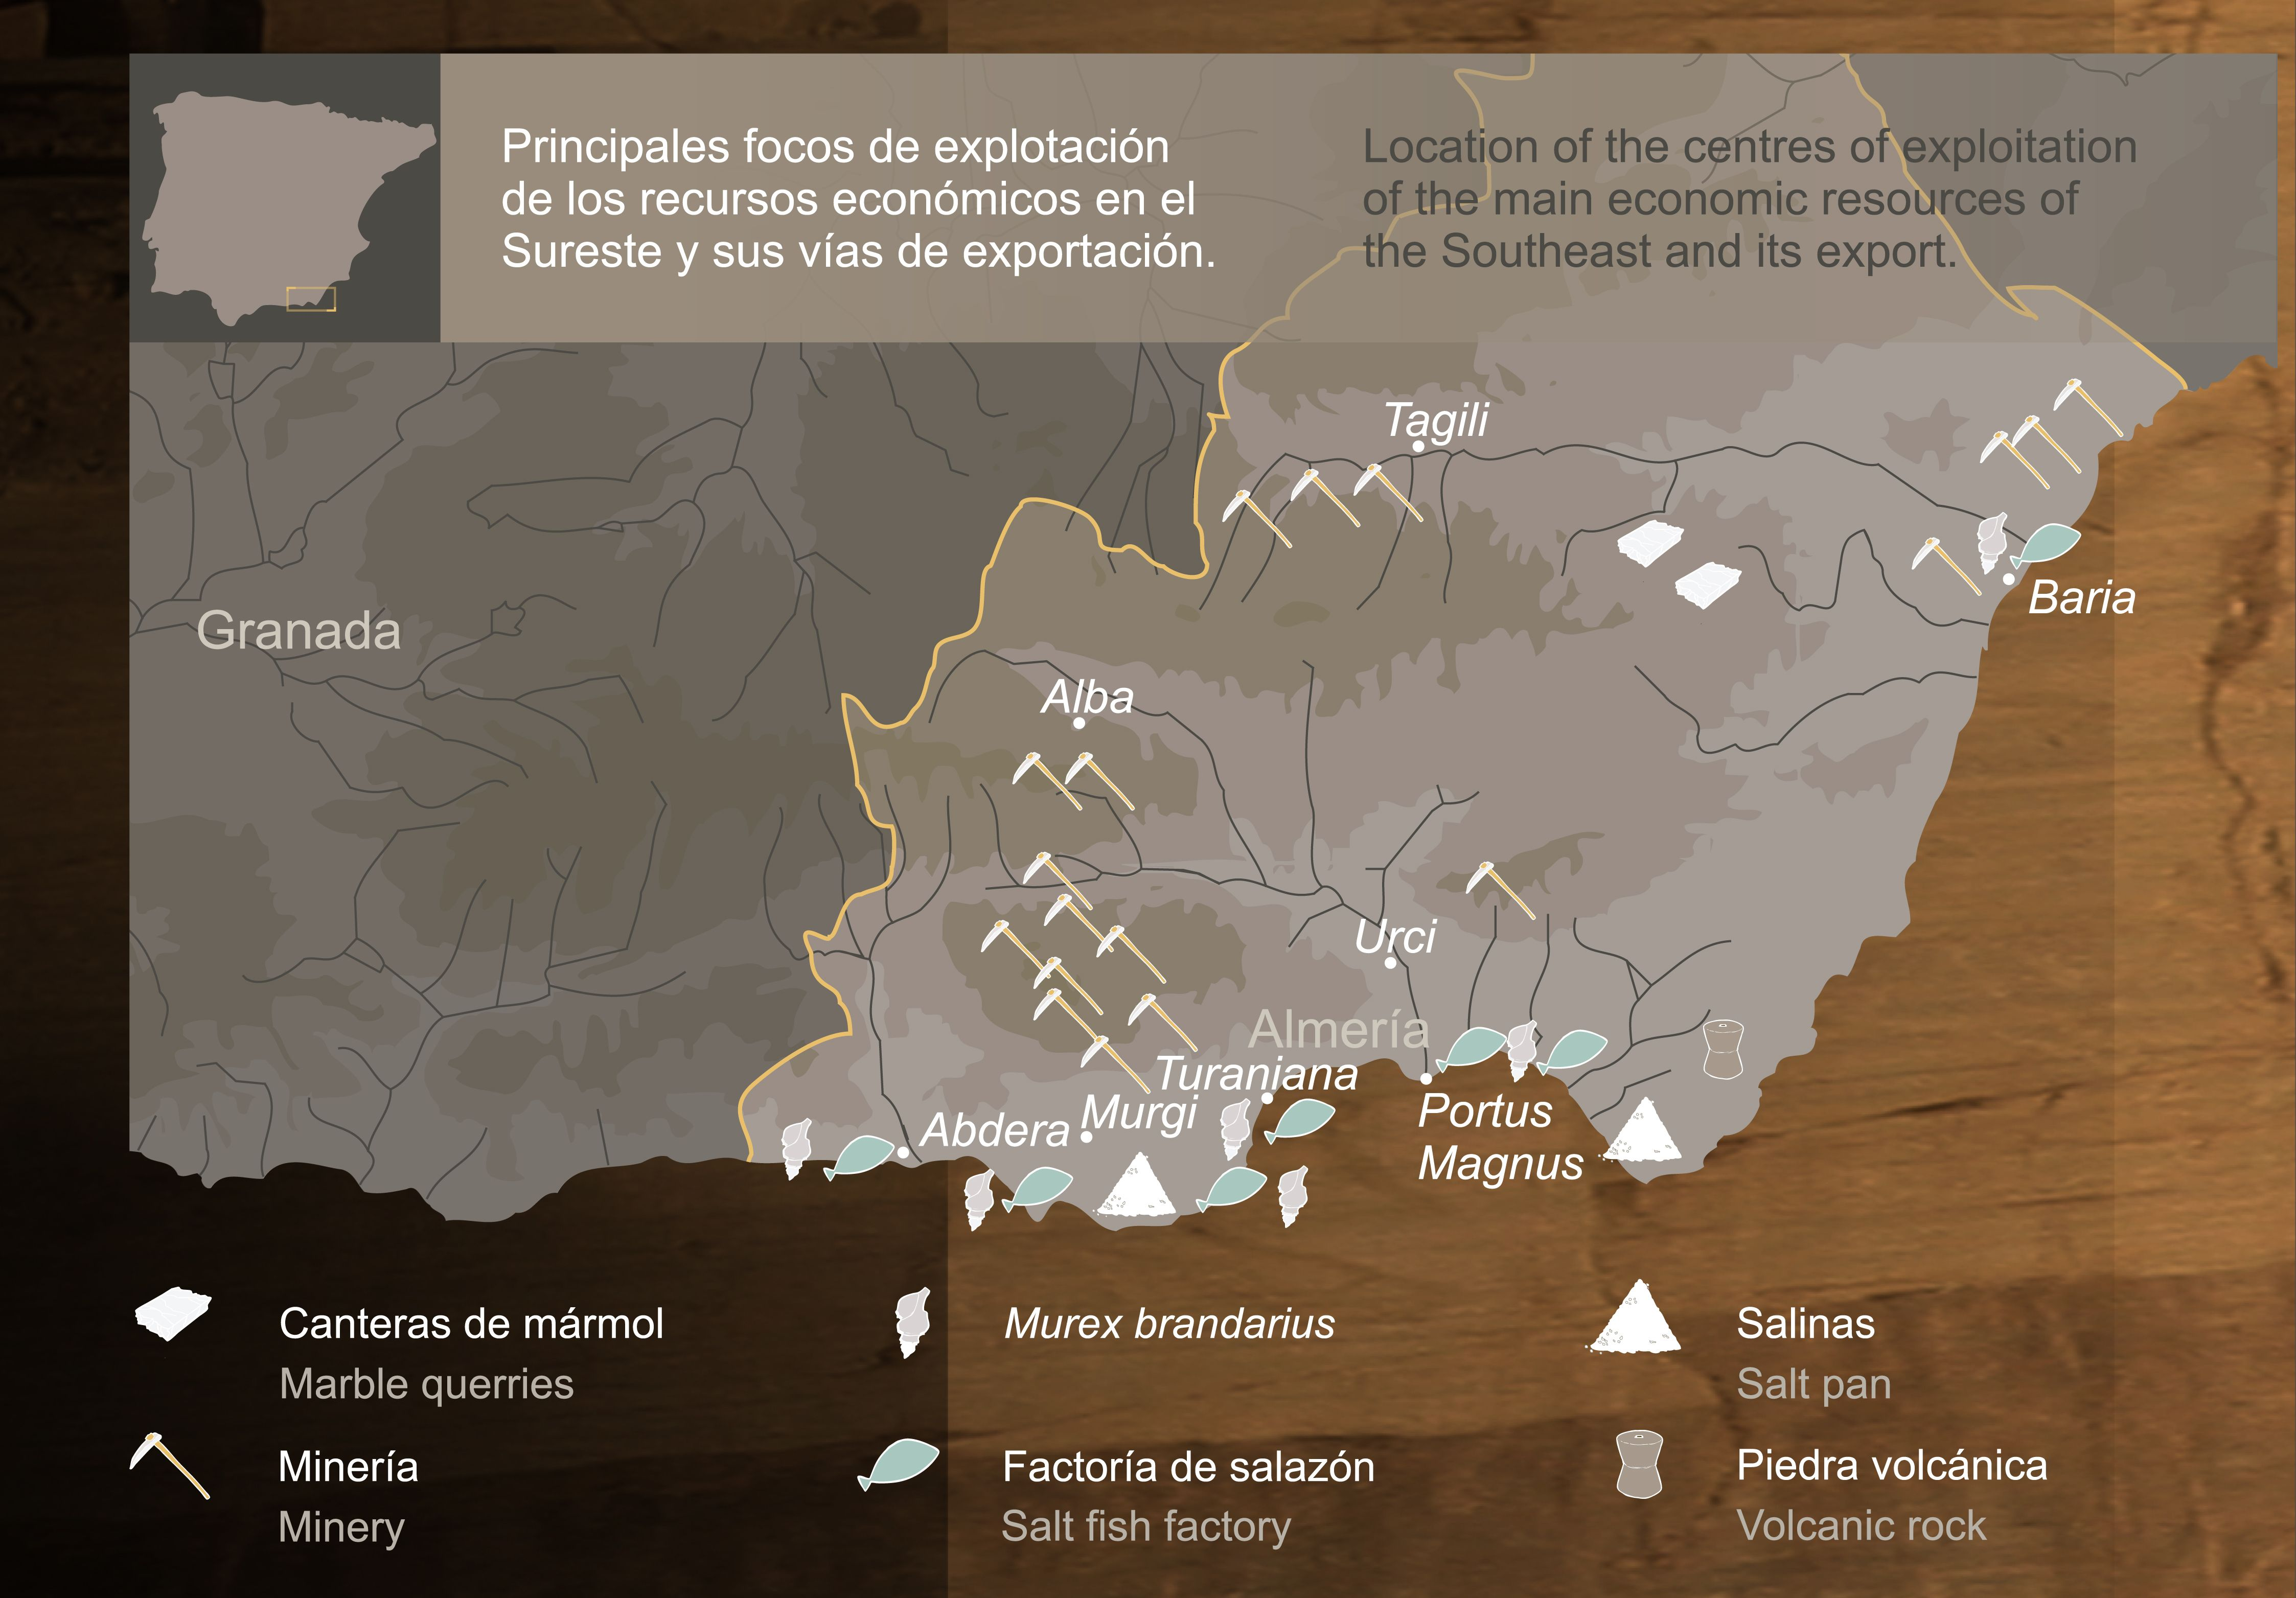 9 El Mapa Recoge Las Principales Zonas De Explotación De Recursos Naturales En El Sureste Y Sus Vías De Explotacion De Recursos Naturales Mapas Prehistoricas